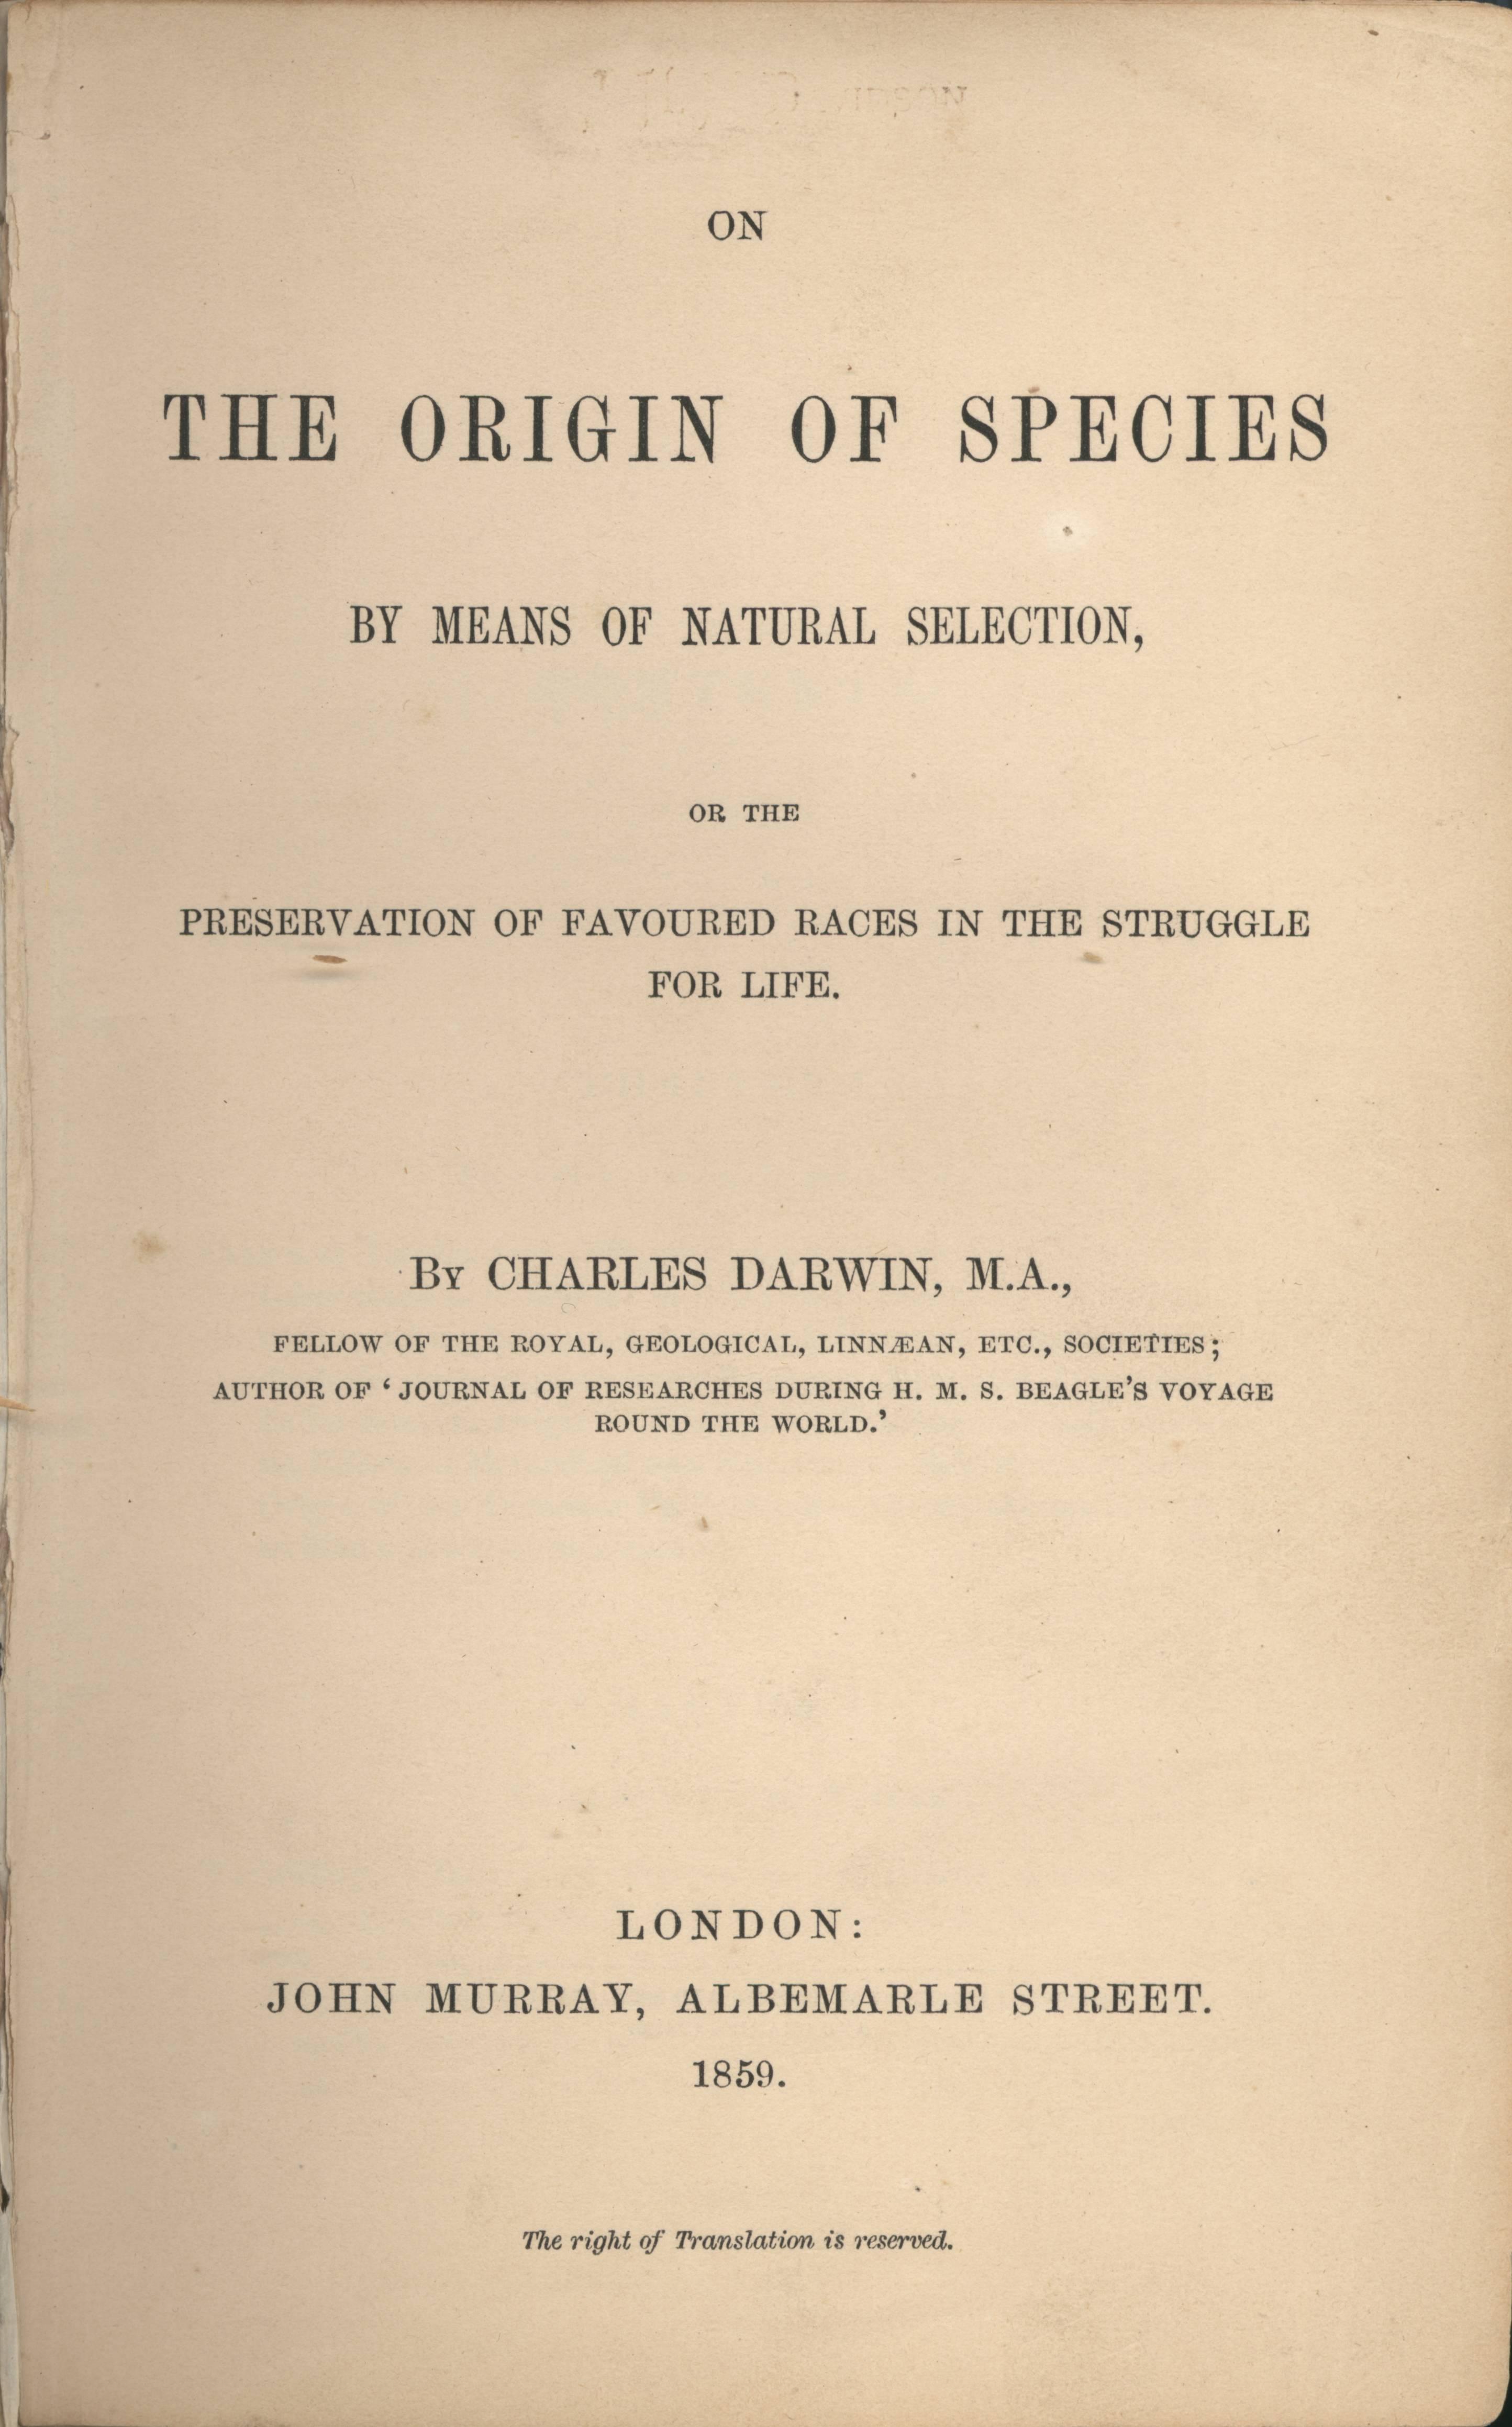 Depiction of El origen de las especies